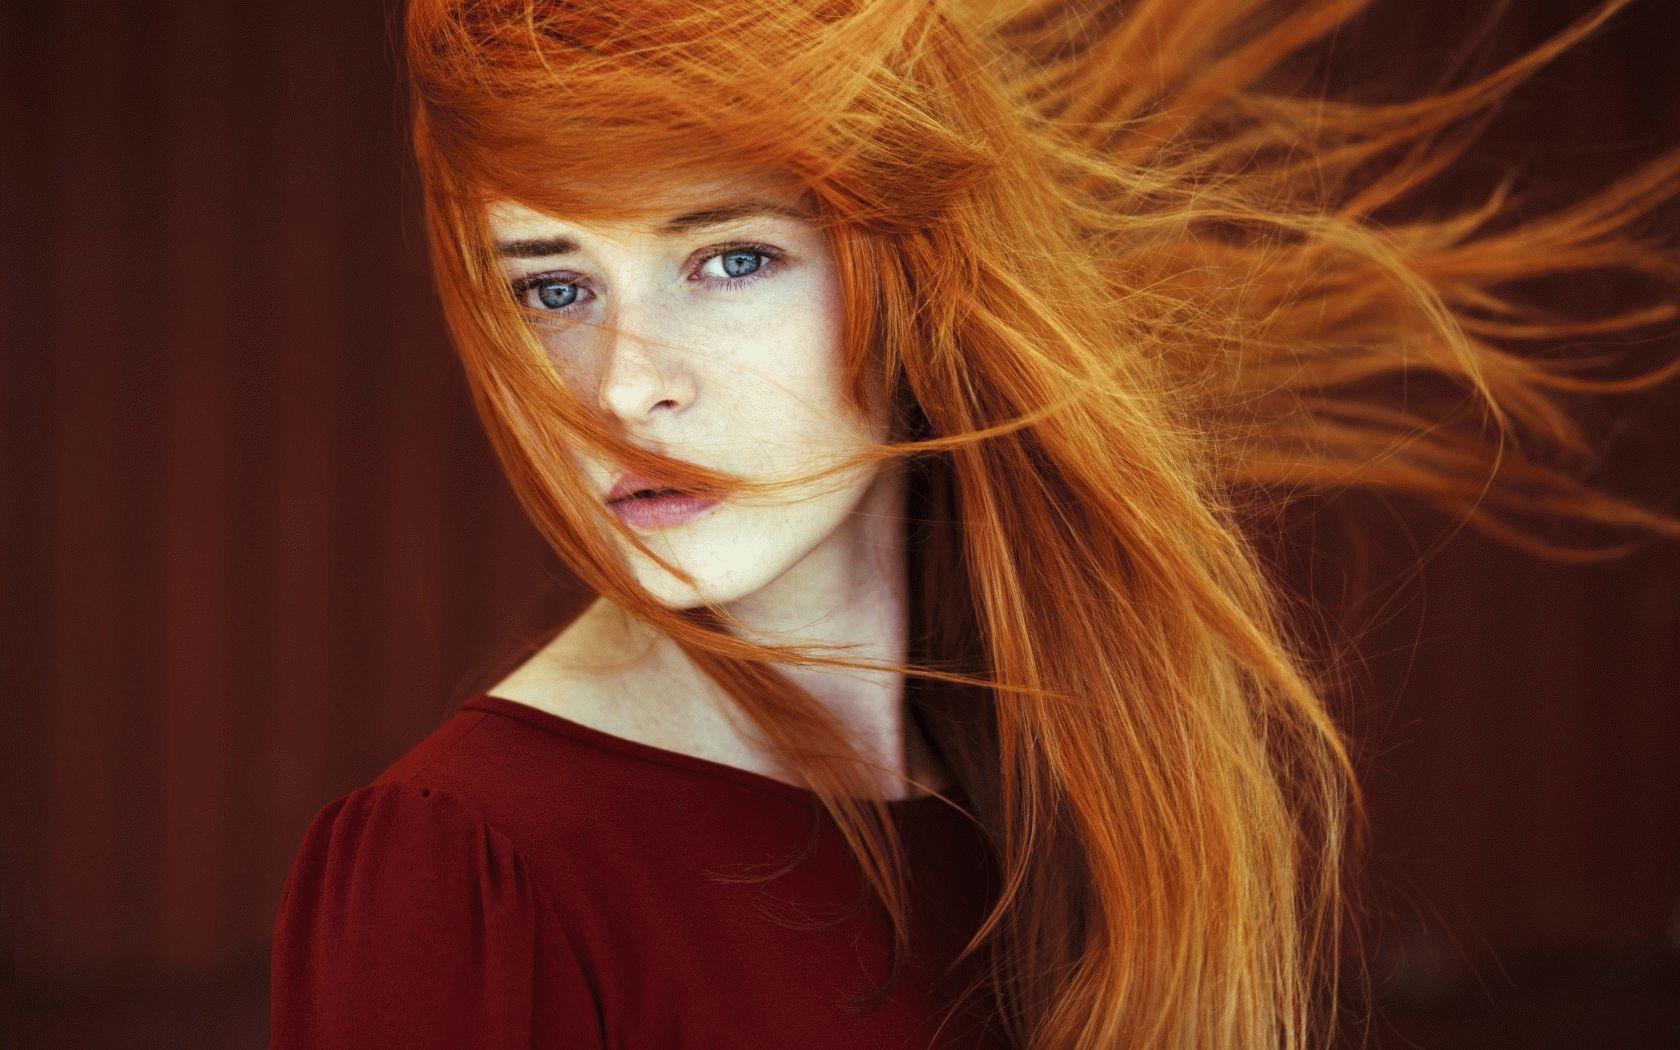 Фотографии рыжих красивых девушек 17 фотография